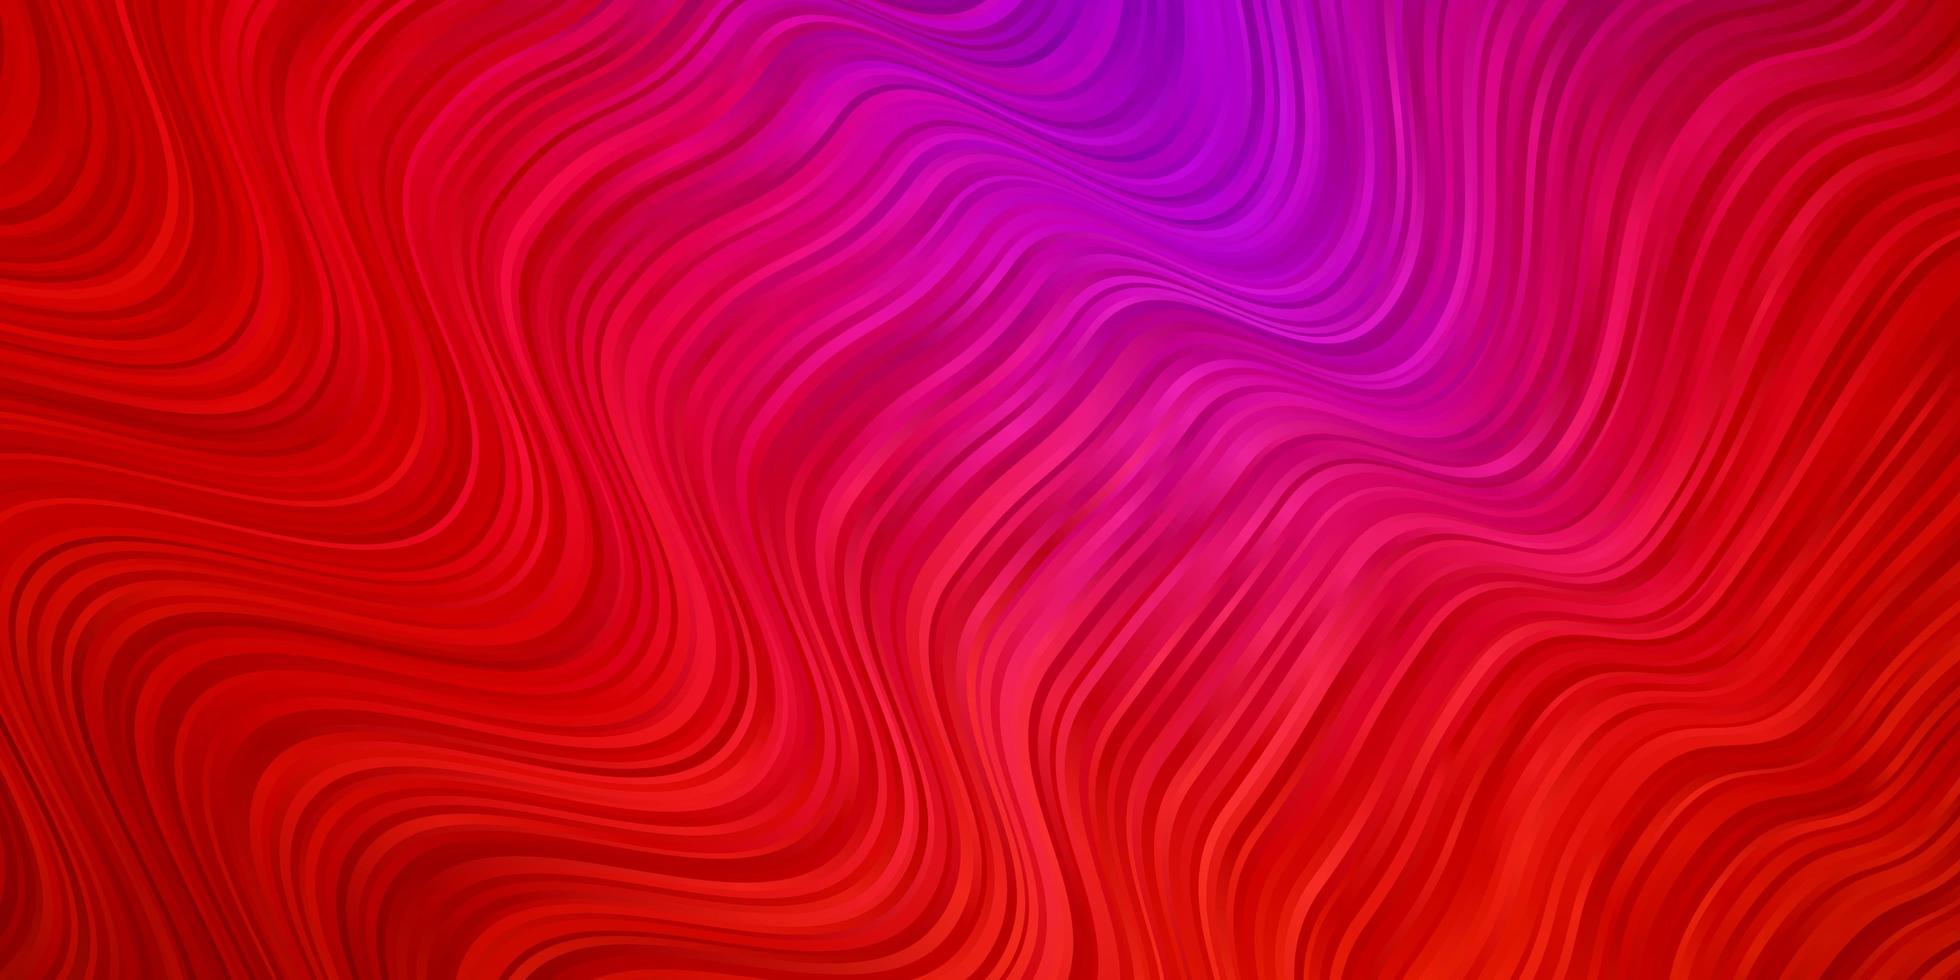 sfondo vettoriale rosa scuro, rosso con fiocchi.